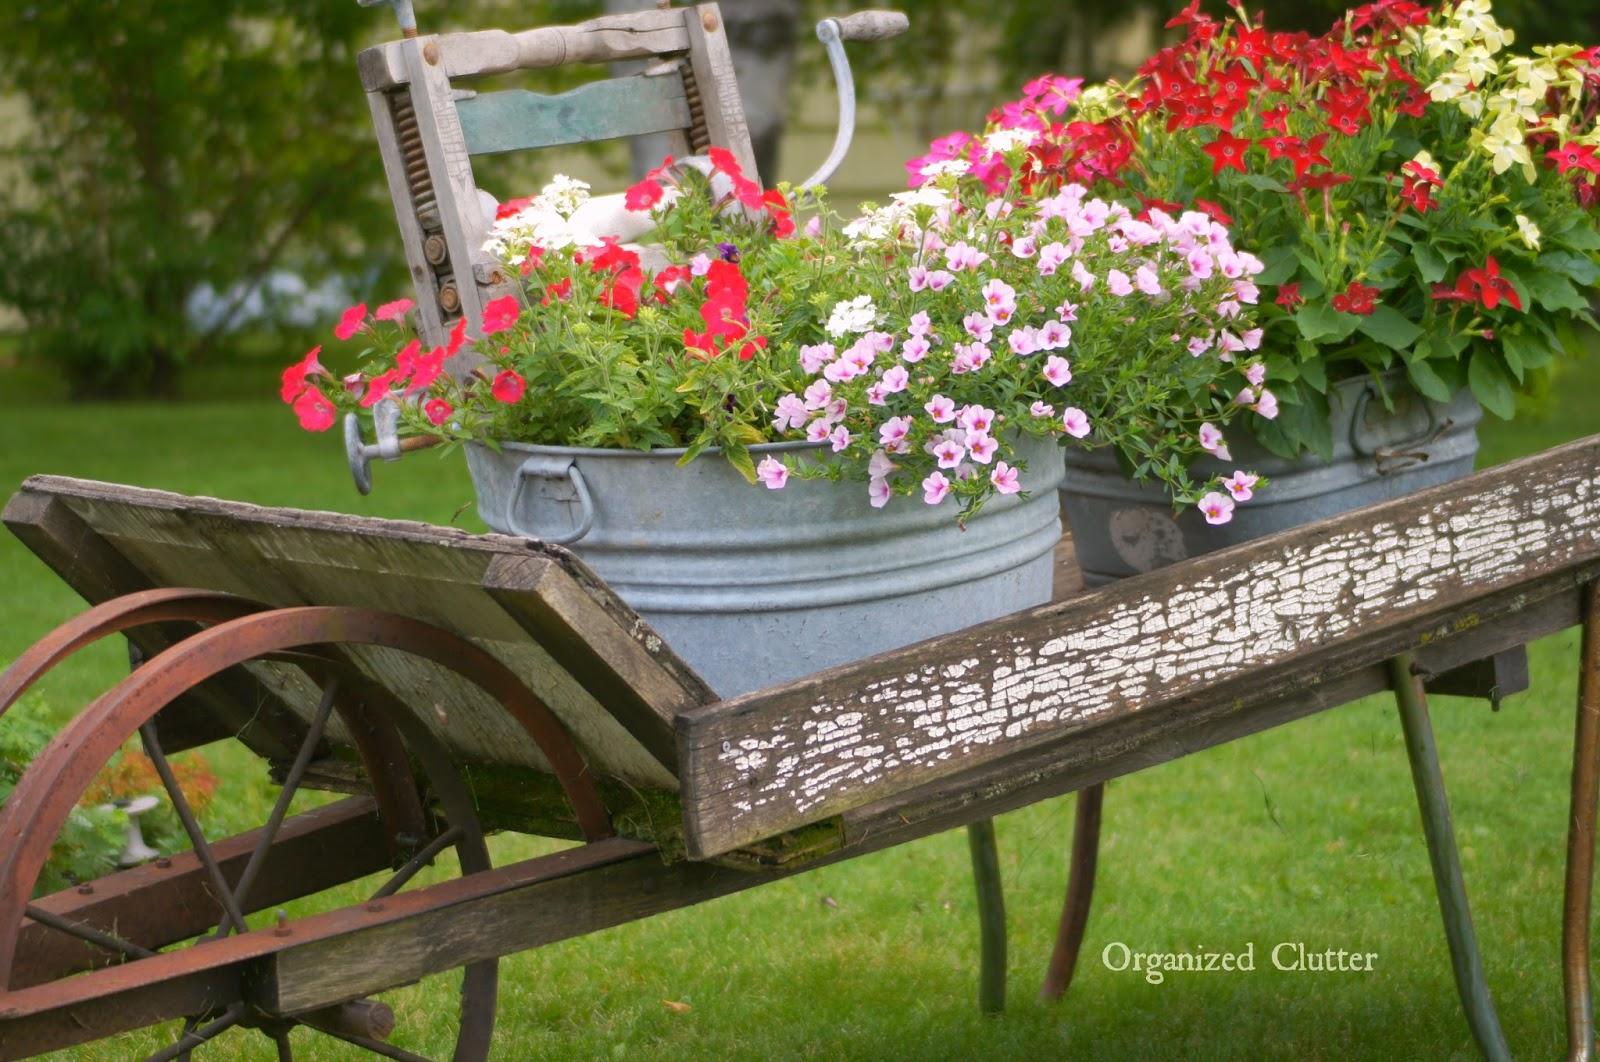 Garden junk ideas galore 2014 round up organized clutter - Zinkwanne dekorieren ...